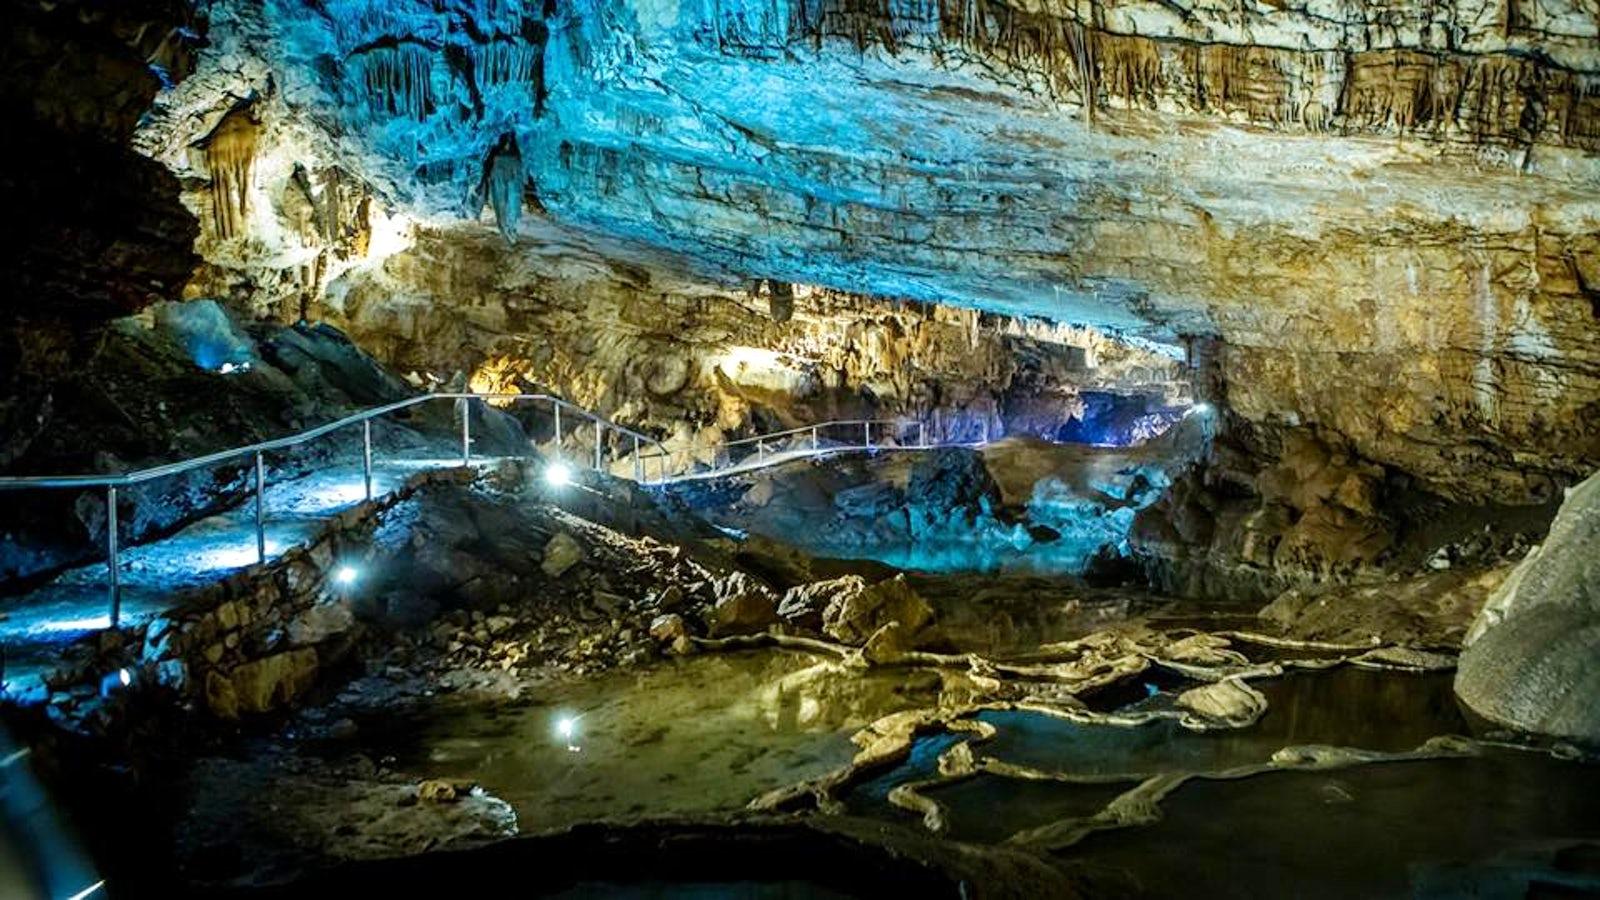 Cпелеологический объект с четырьмя крупными ручьями является охраняемым памятником природы